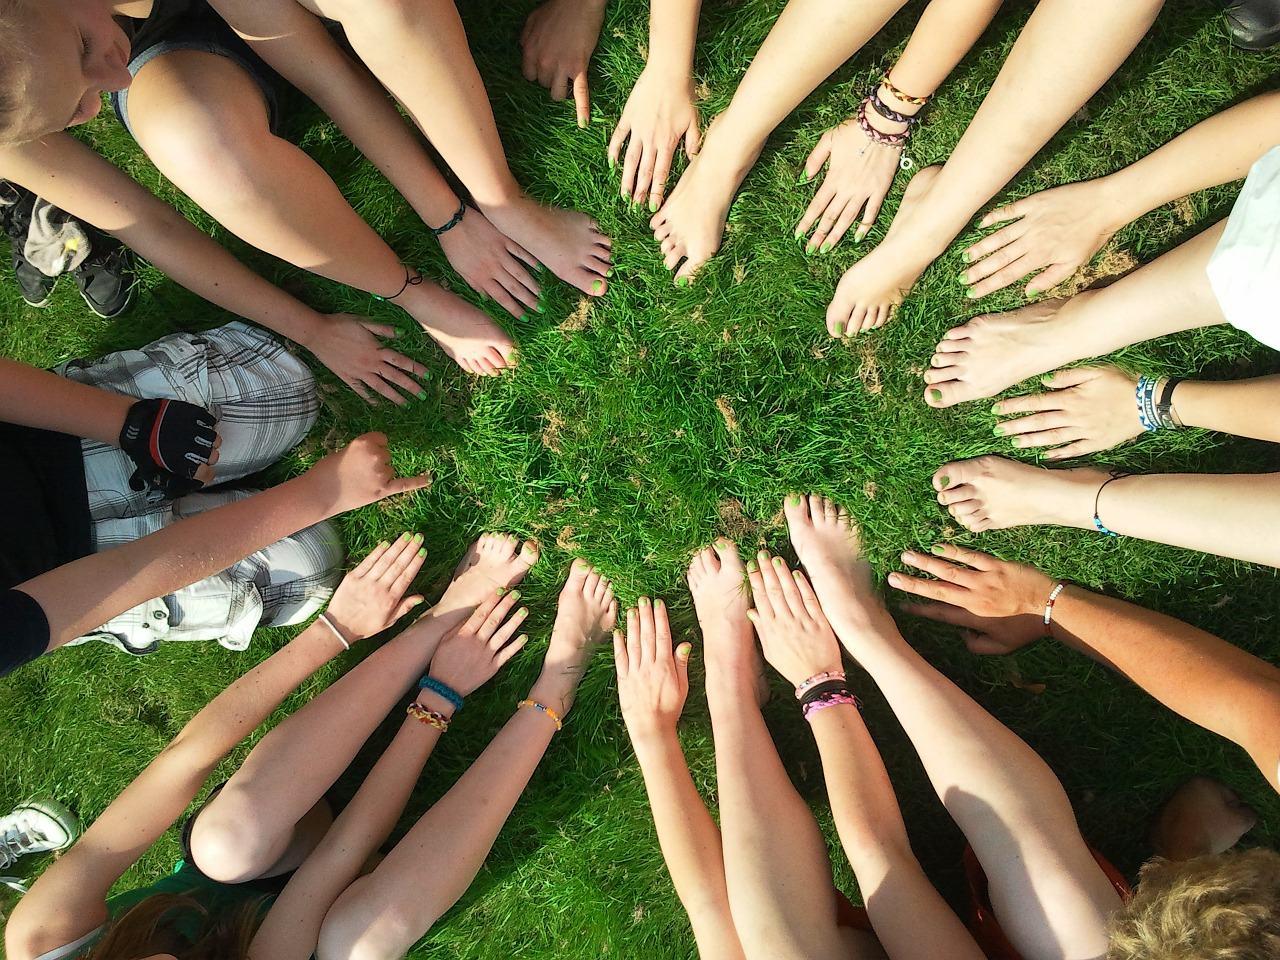 Naredite nekaj dobrega za skupnost, v kateri živite (Vir: Pixabay)